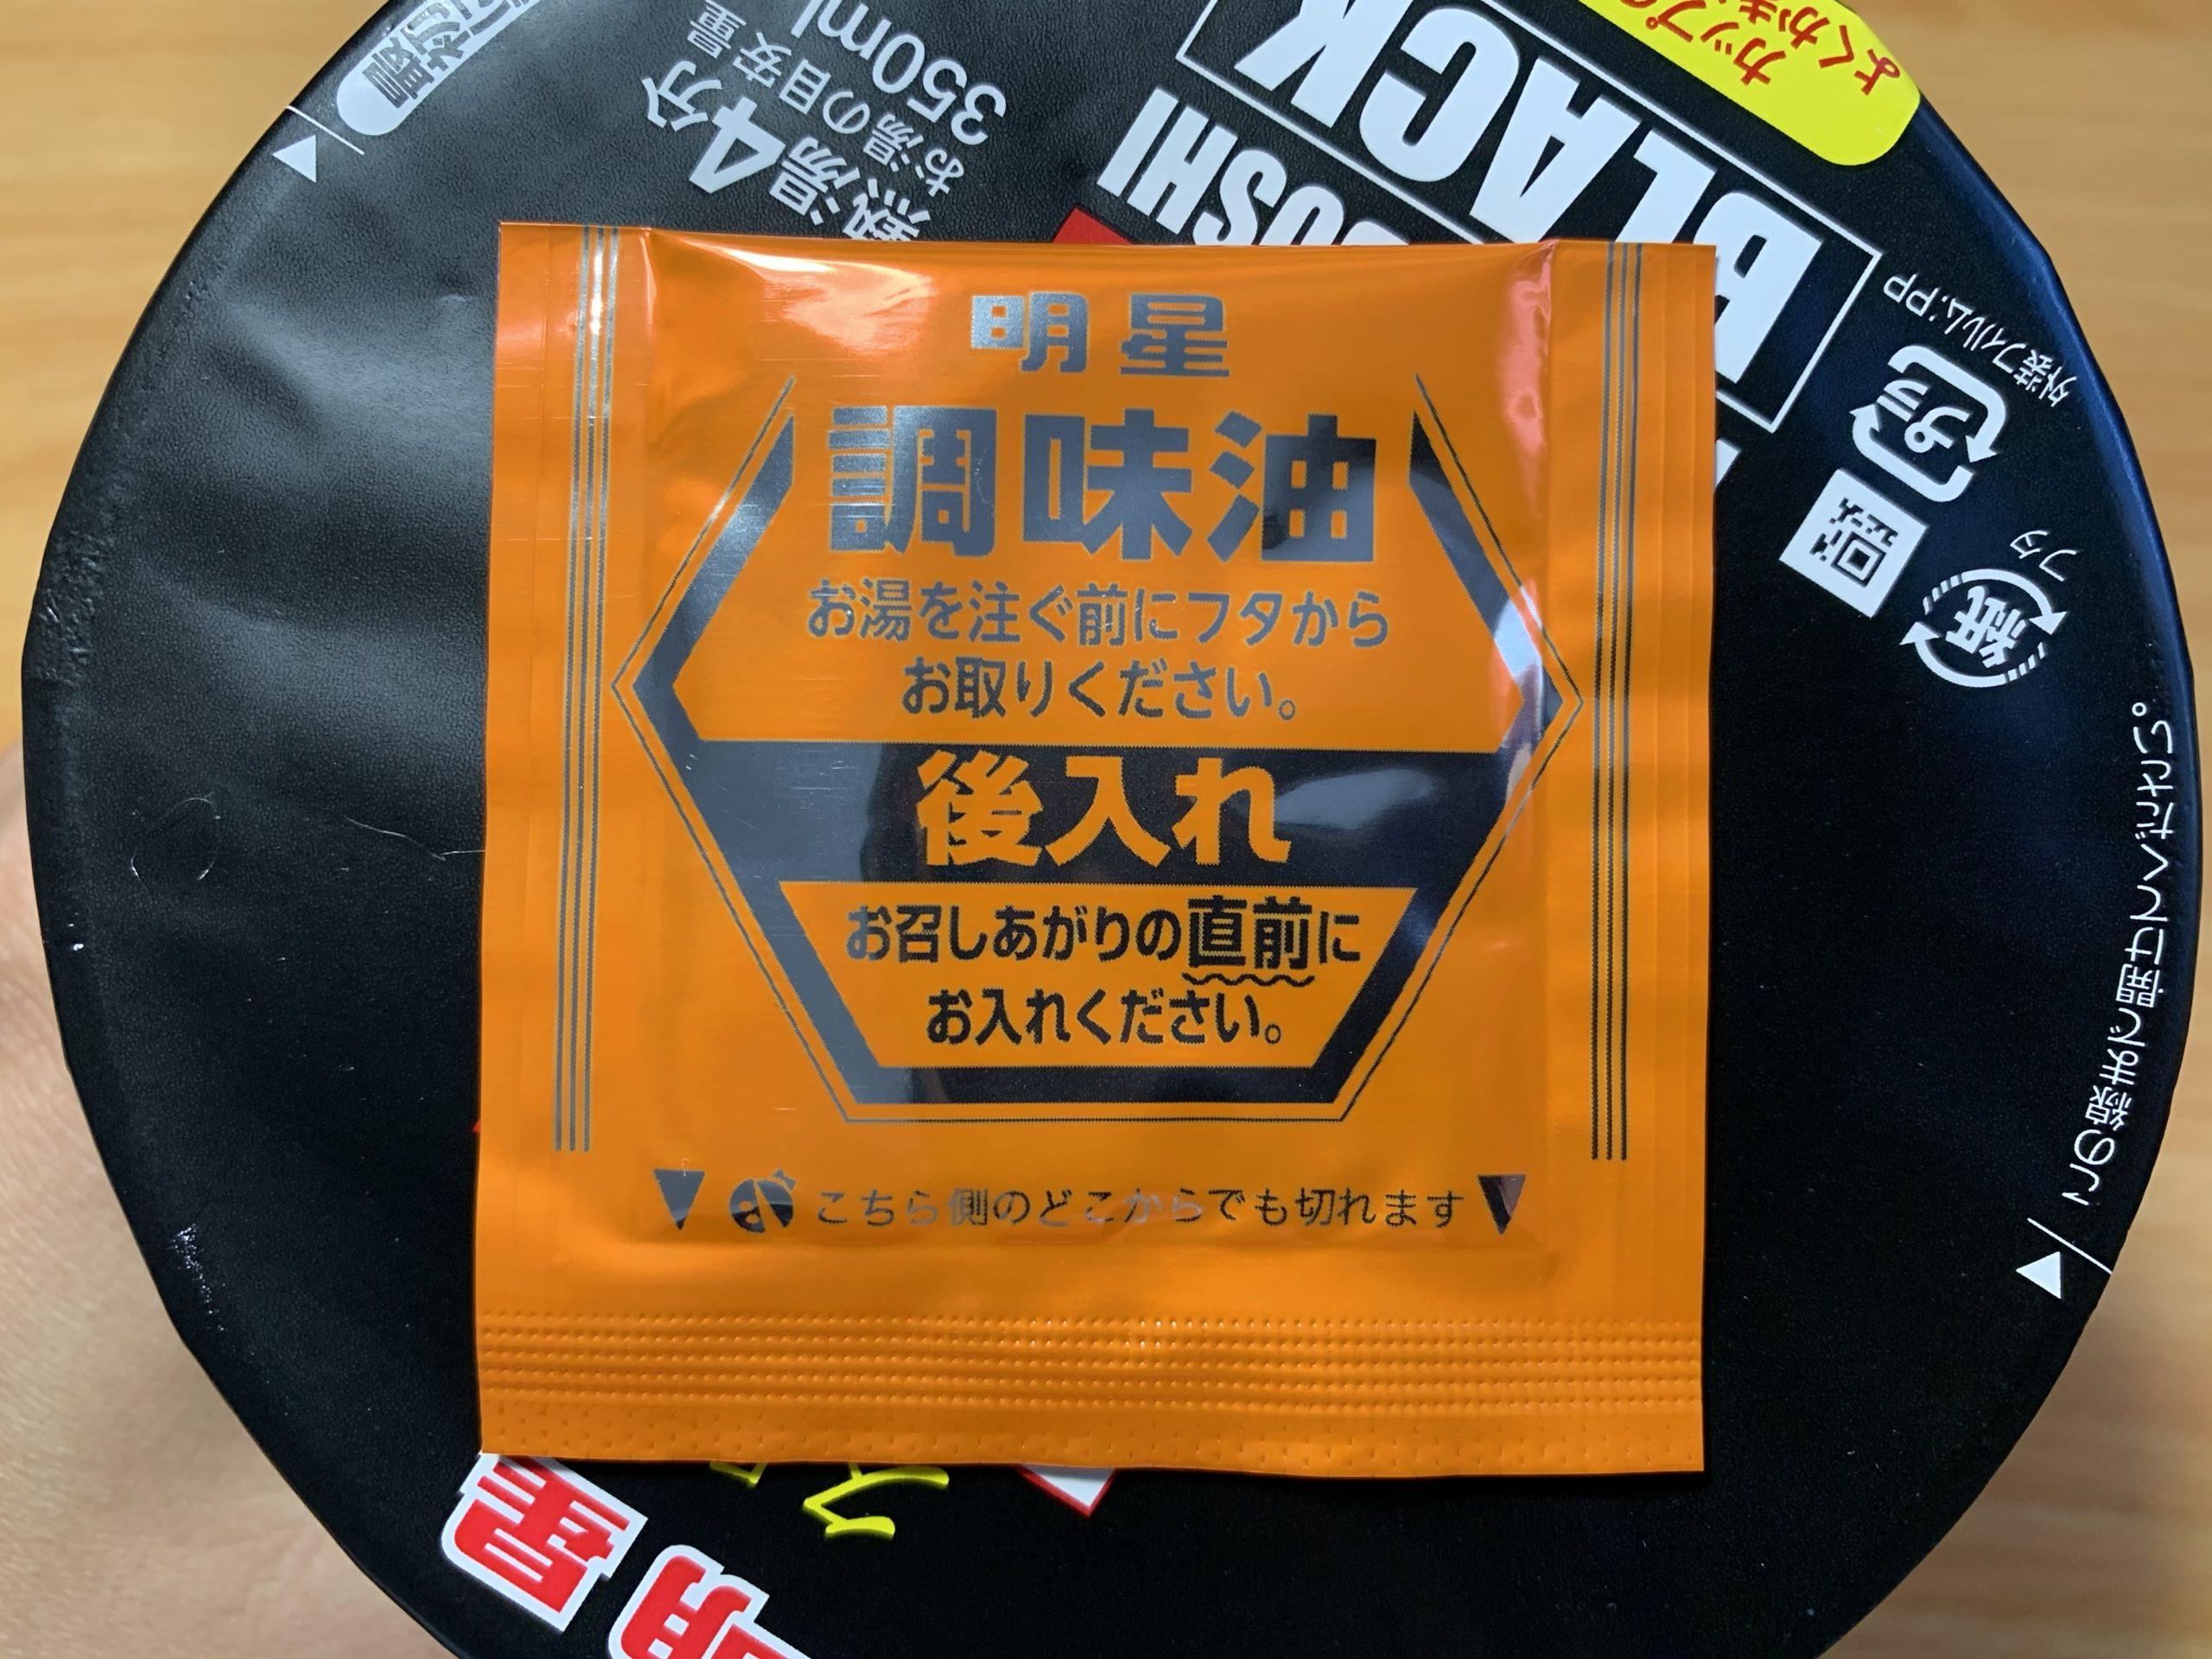 久留米大砲ラーメン黒とんこつの調味料